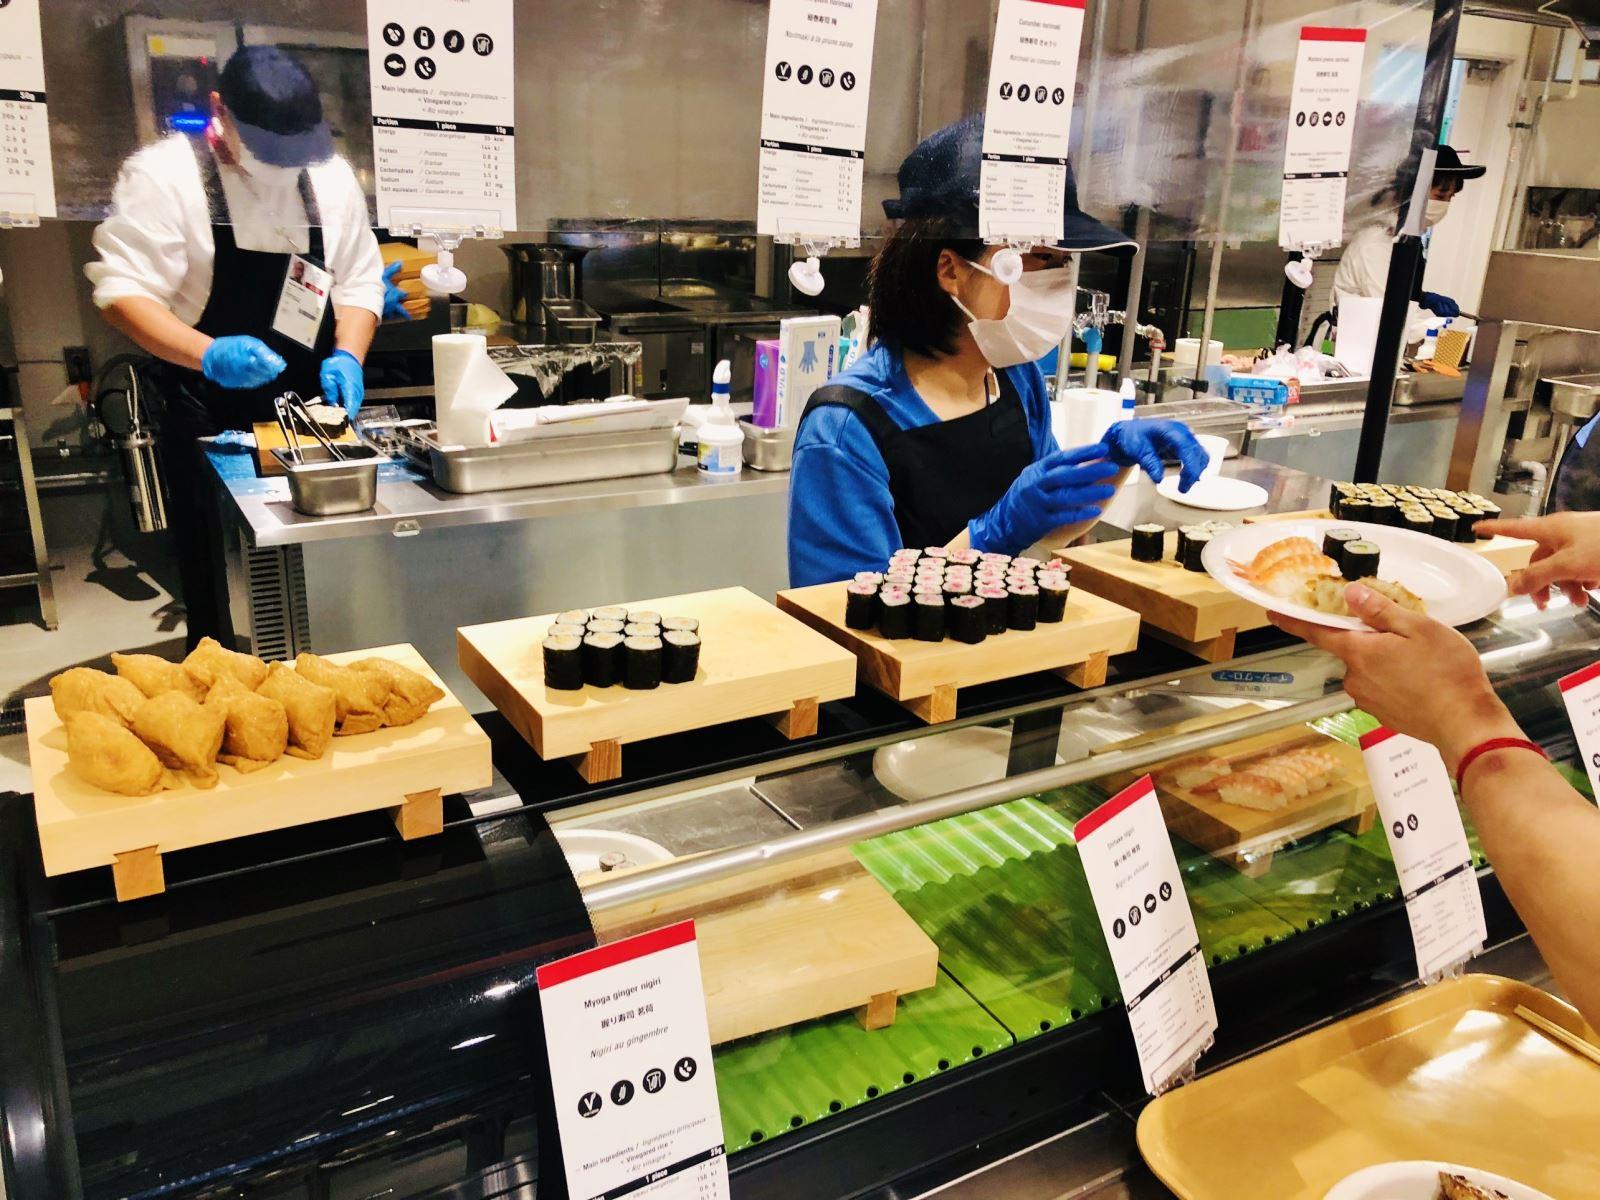 Olympic Tokyo 2020: Có 700 món ăn mỗi ngày, nổi bật với Phở và thịt bò Wagyu - 2